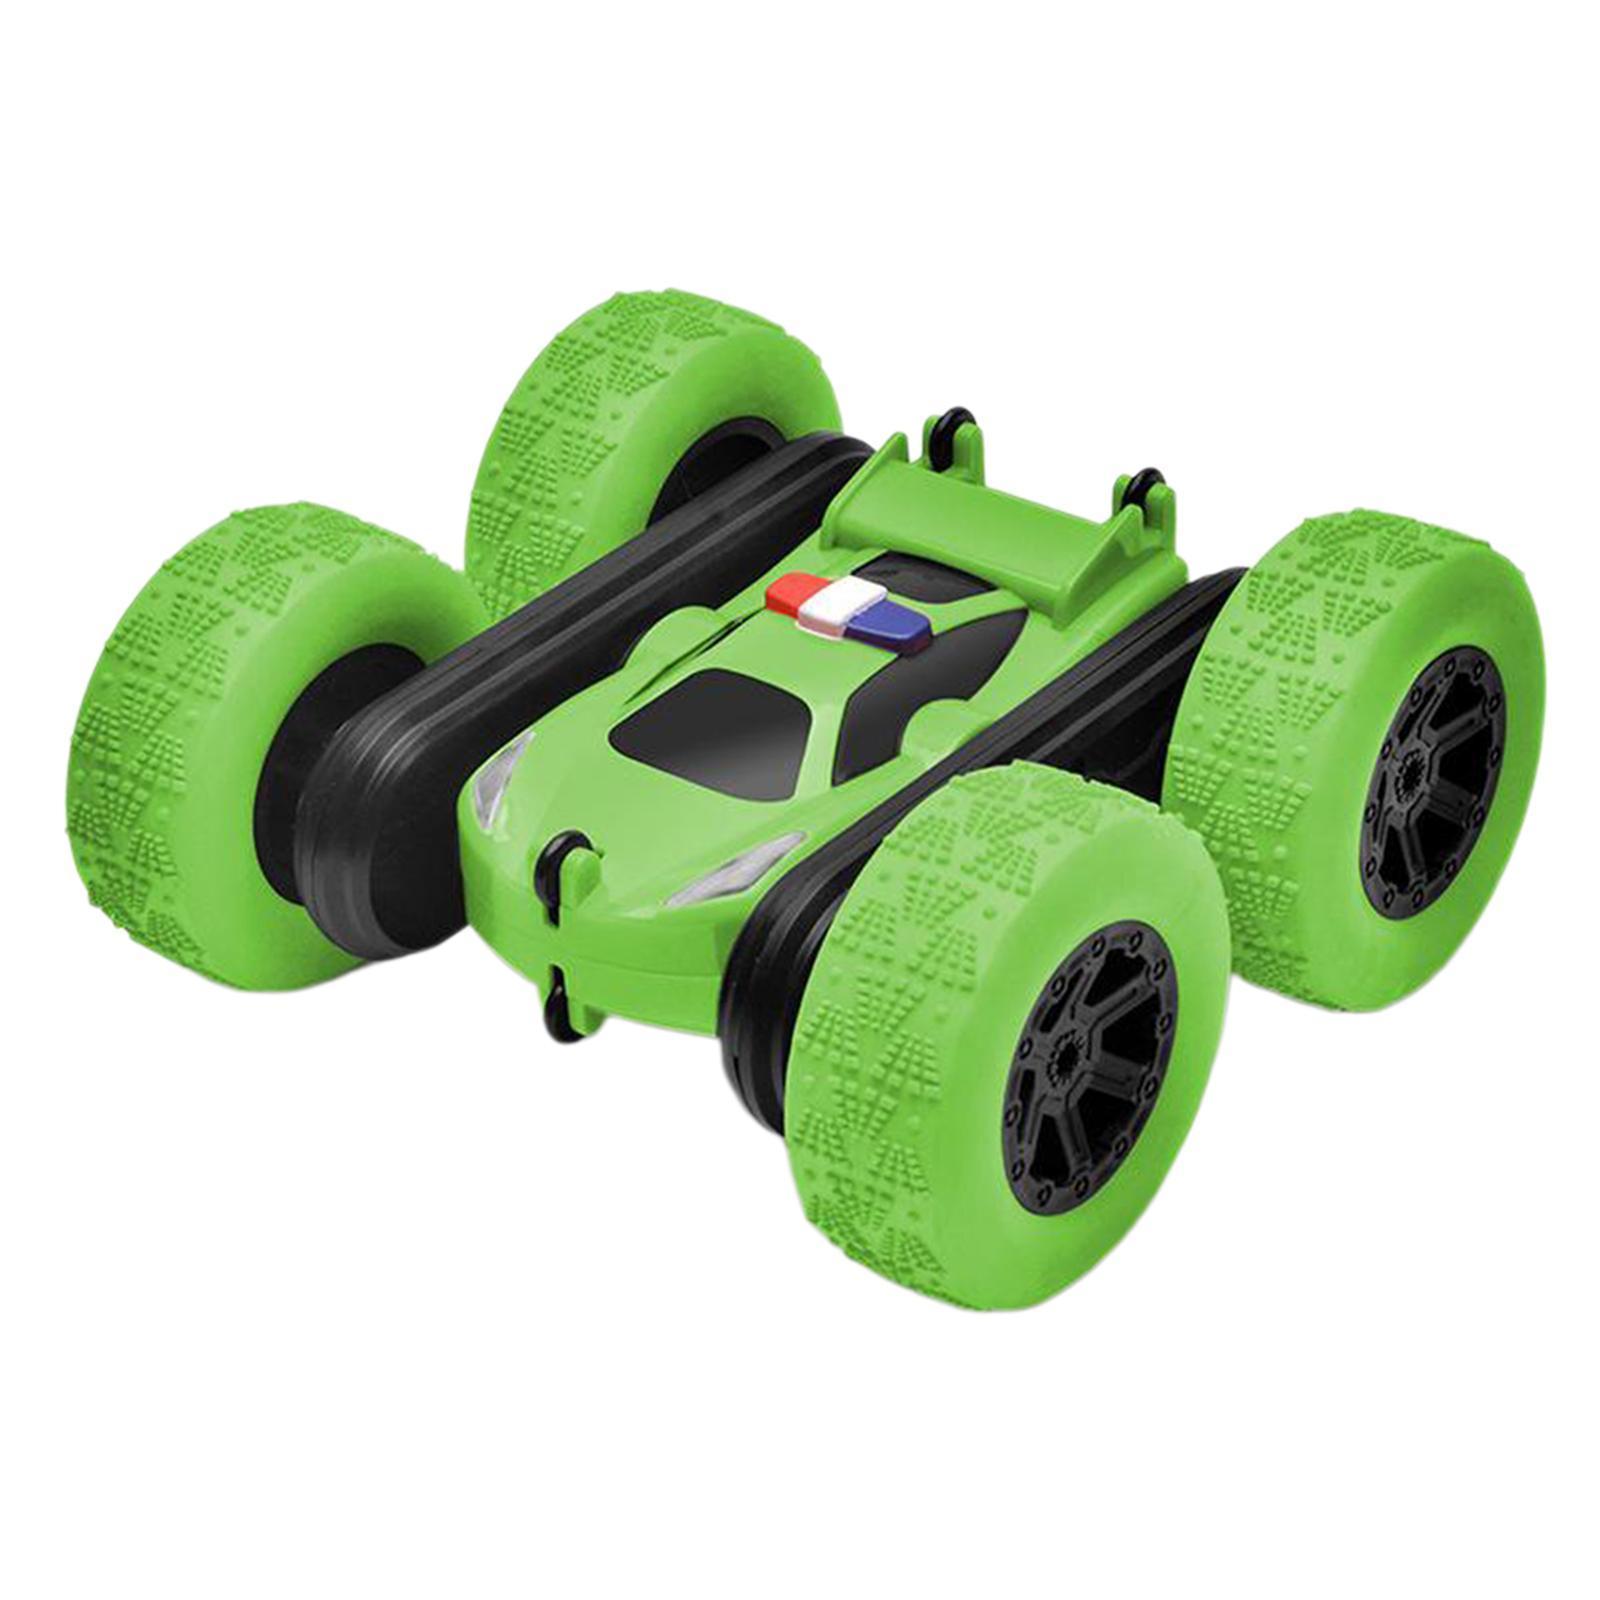 miniatura 55 - Telecomando Auto Stunt Car Giocattolo Per Bambini 2.4GHz di Controllo Remoto